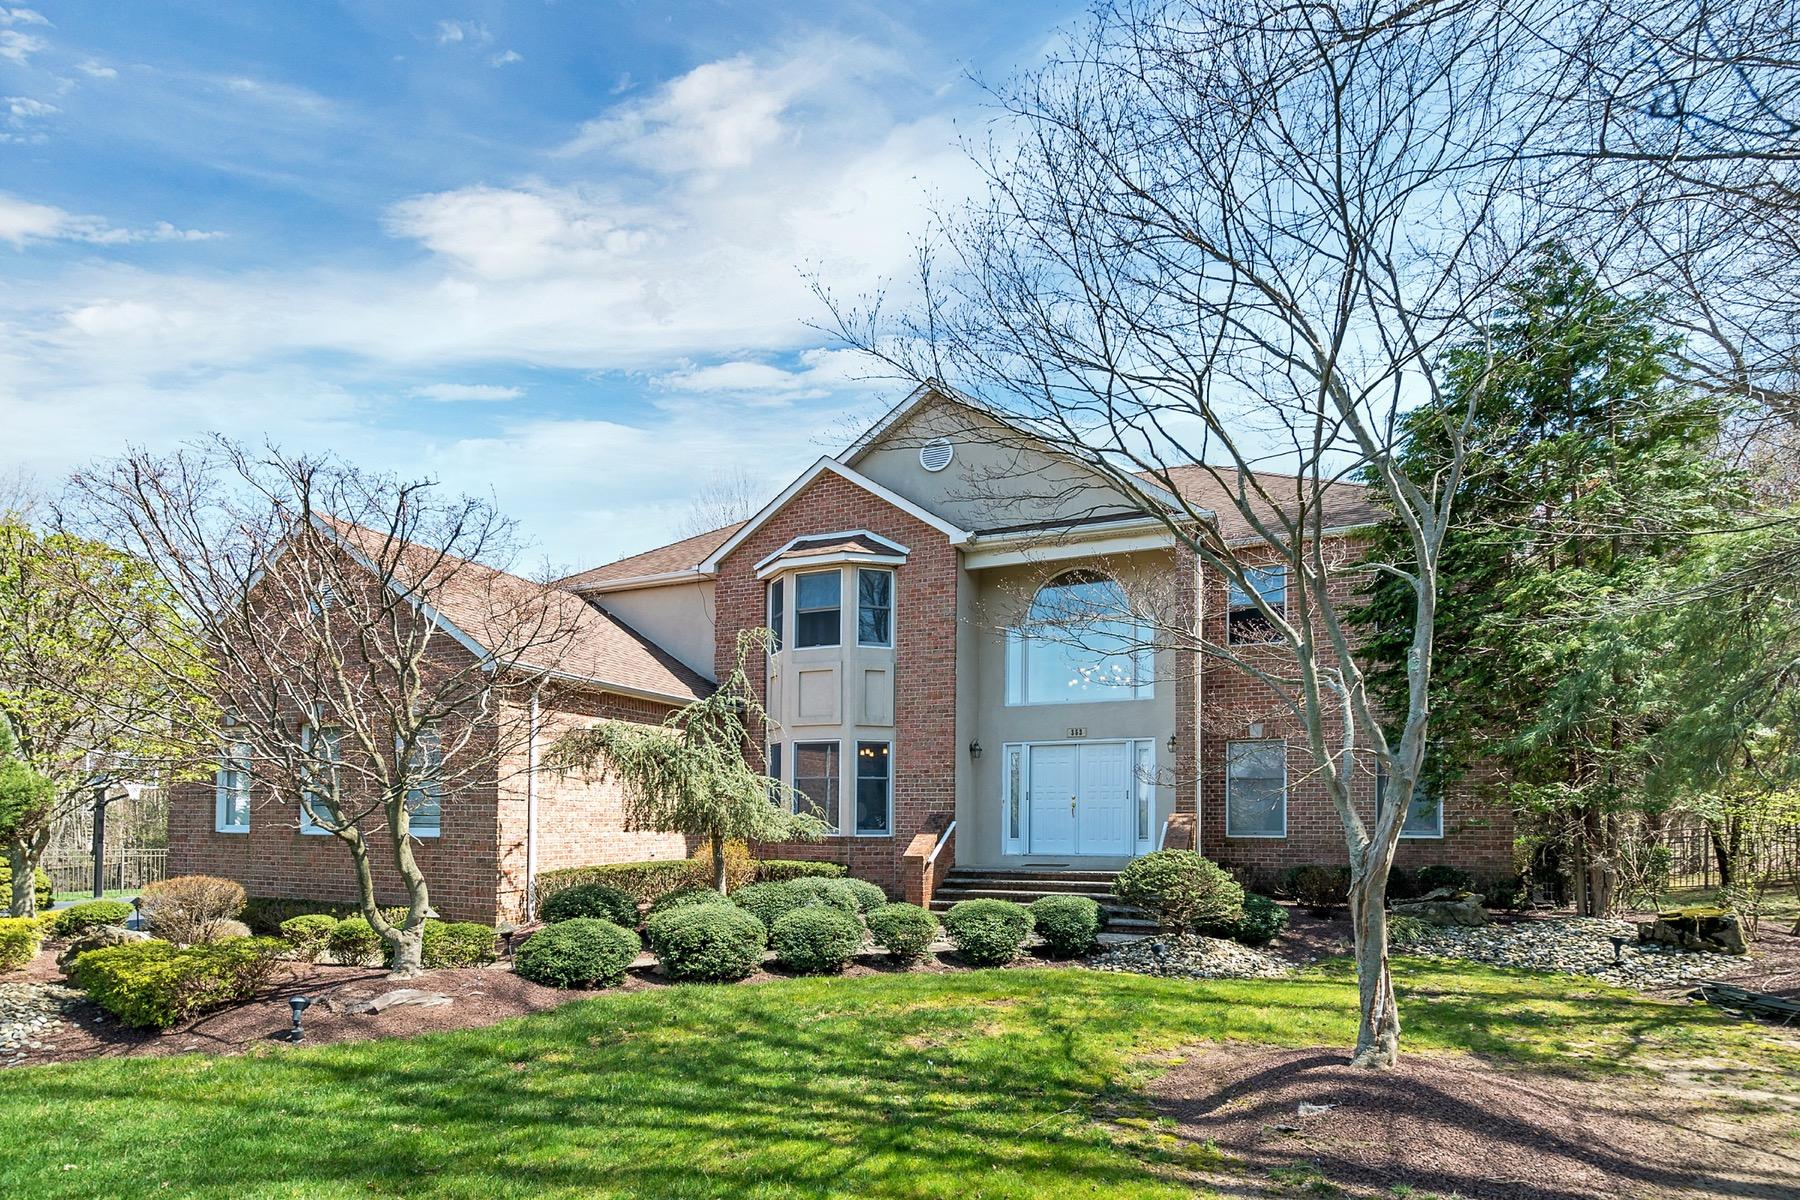 Частный односемейный дом для того Продажа на Distinguished Crine Woods 353 Salinger Court Marlboro, 07751 Соединенные Штаты